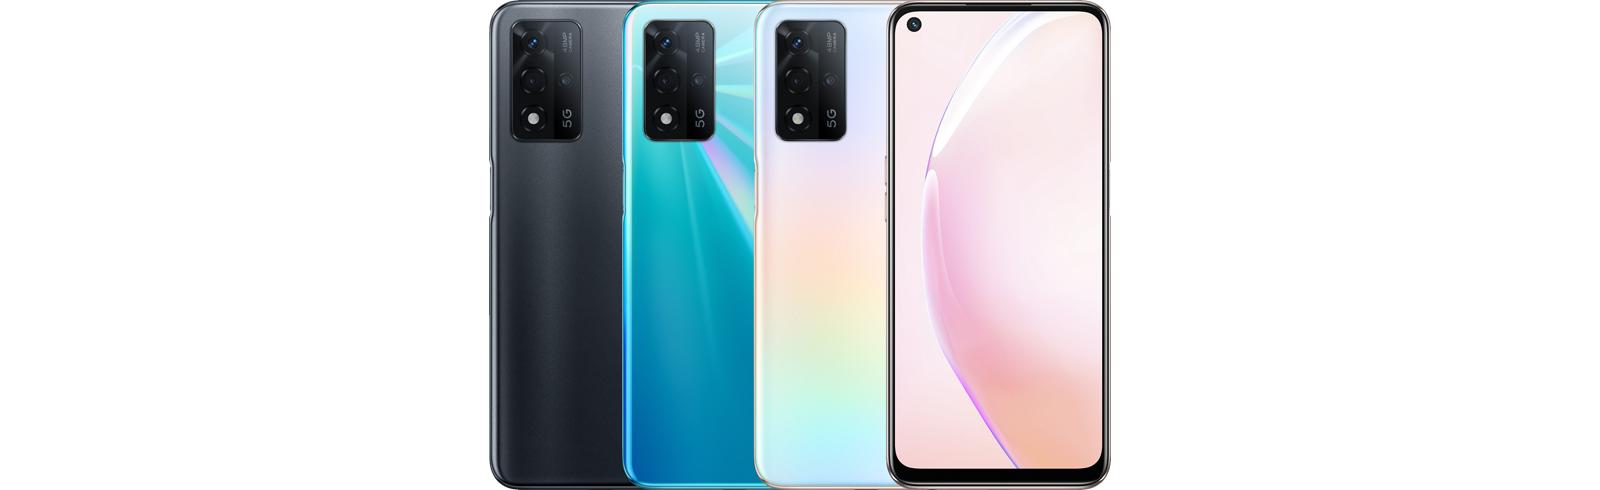 L'Oppo A93s 5G est annoncé en Chine